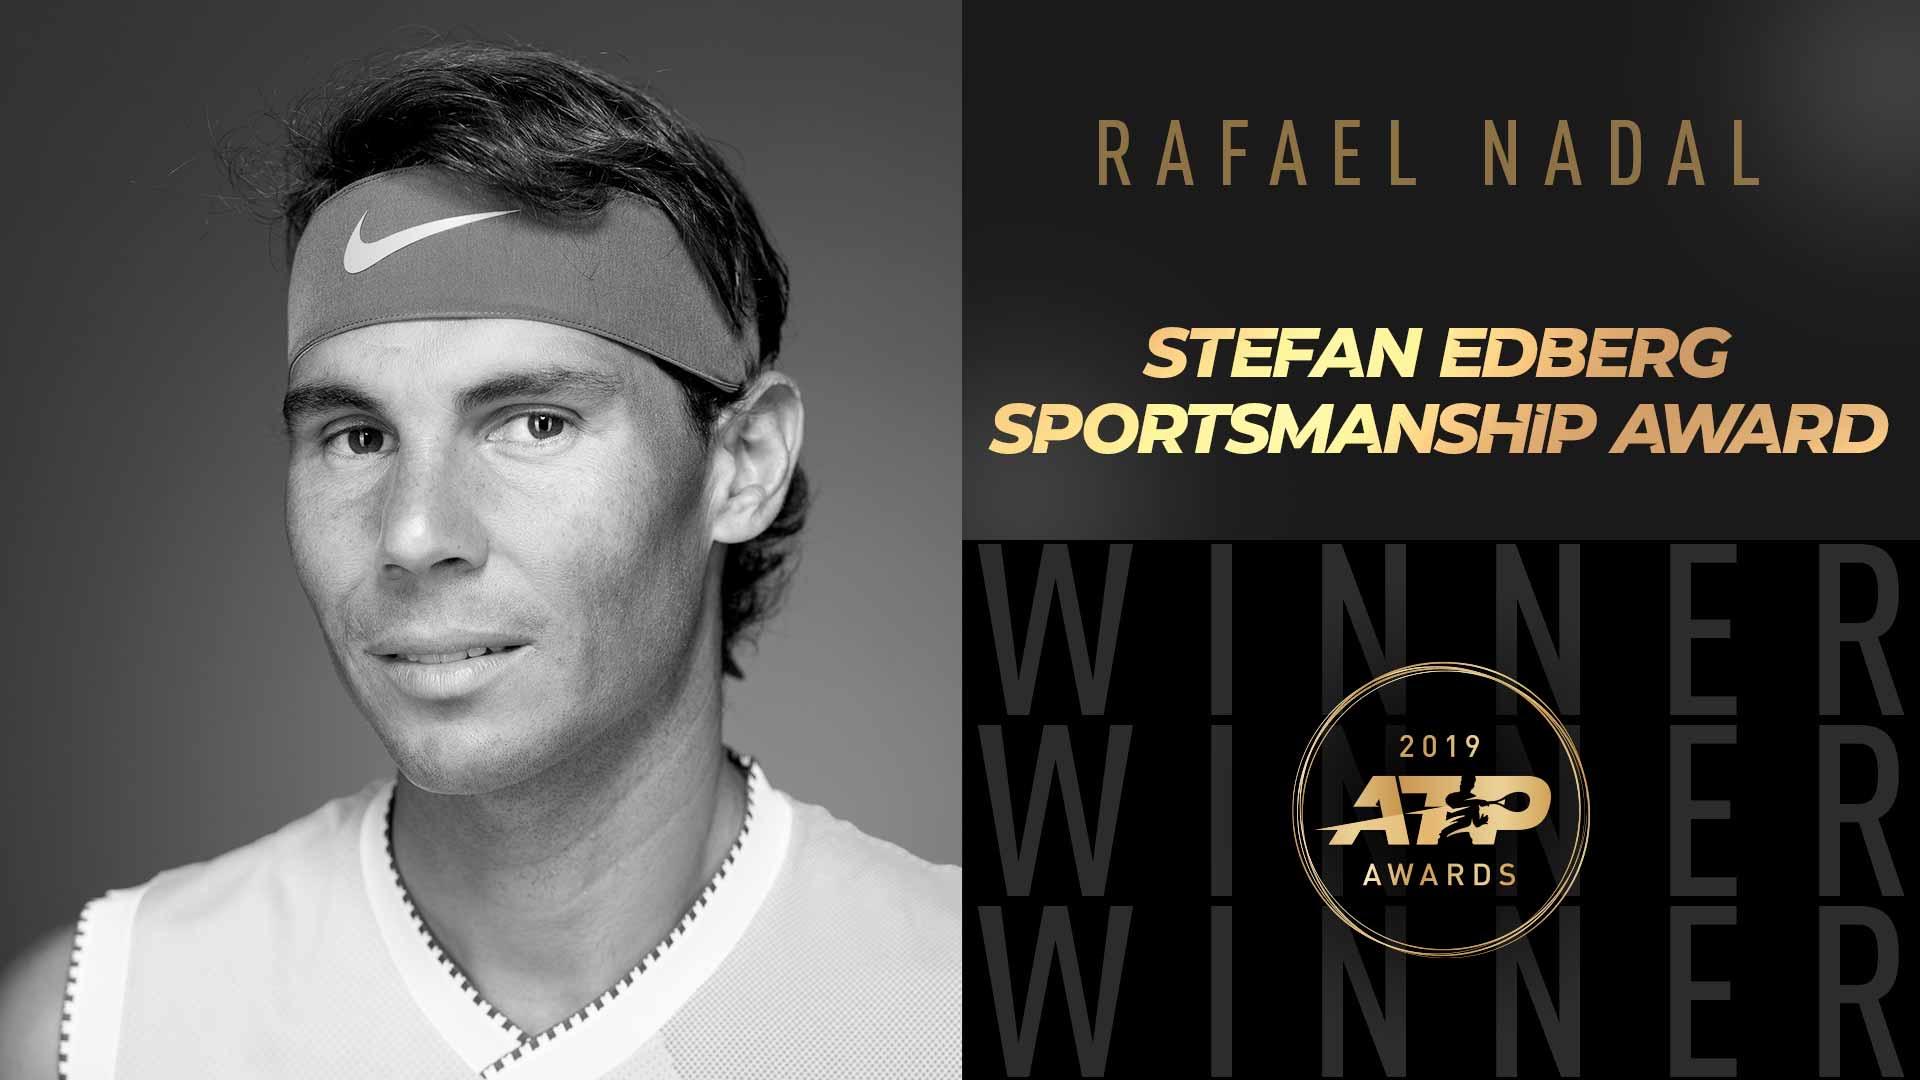 Rafa Nadal recibe el Premio a la Deportividad Stefan Edberg de la ATP